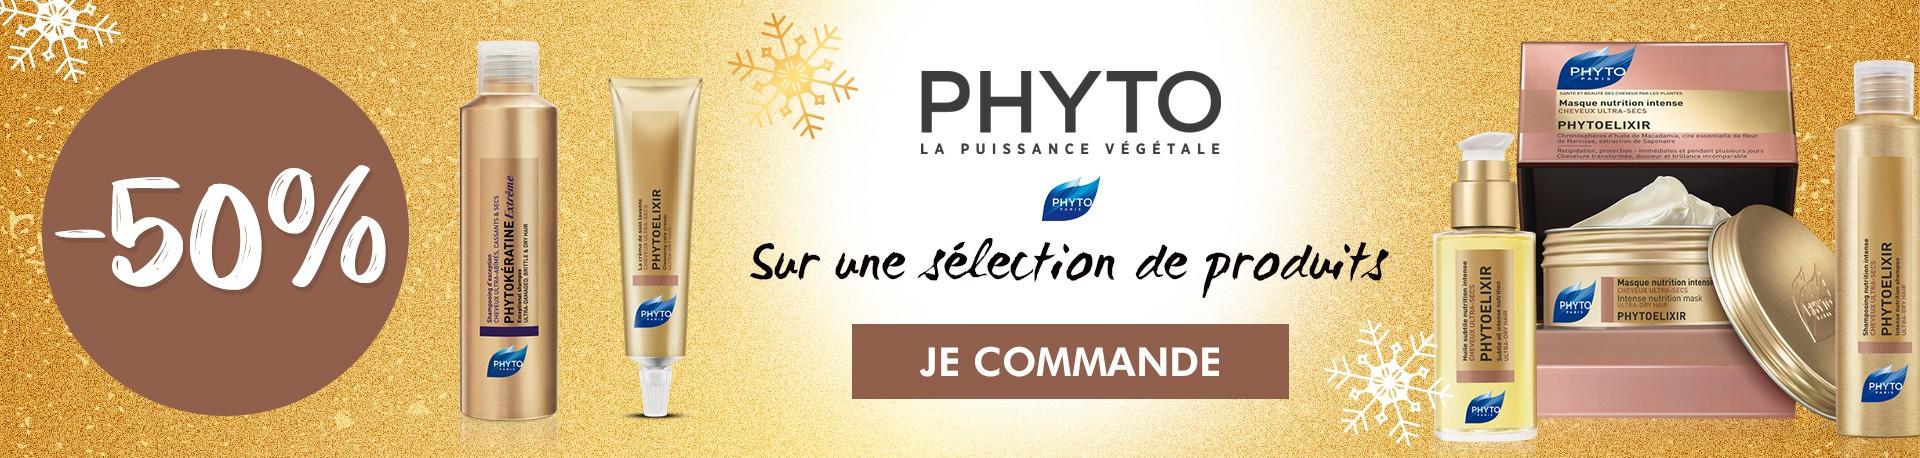 Phyto Janvier 2019